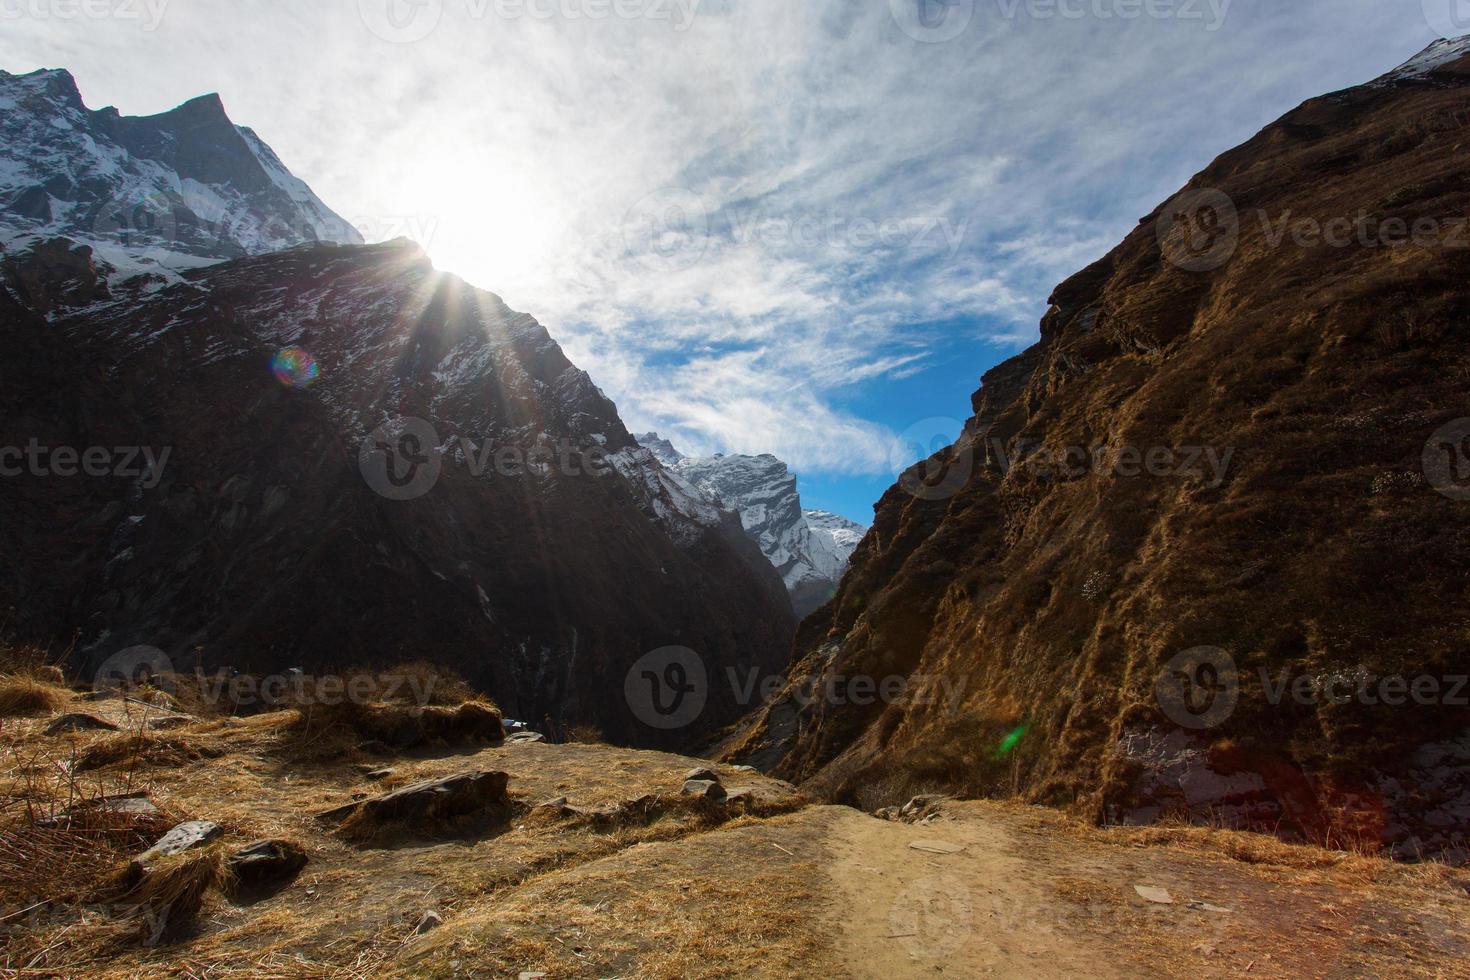 campo base machhapuchhare nelle montagne dell'Himalaya, vicino ad Annapurn foto